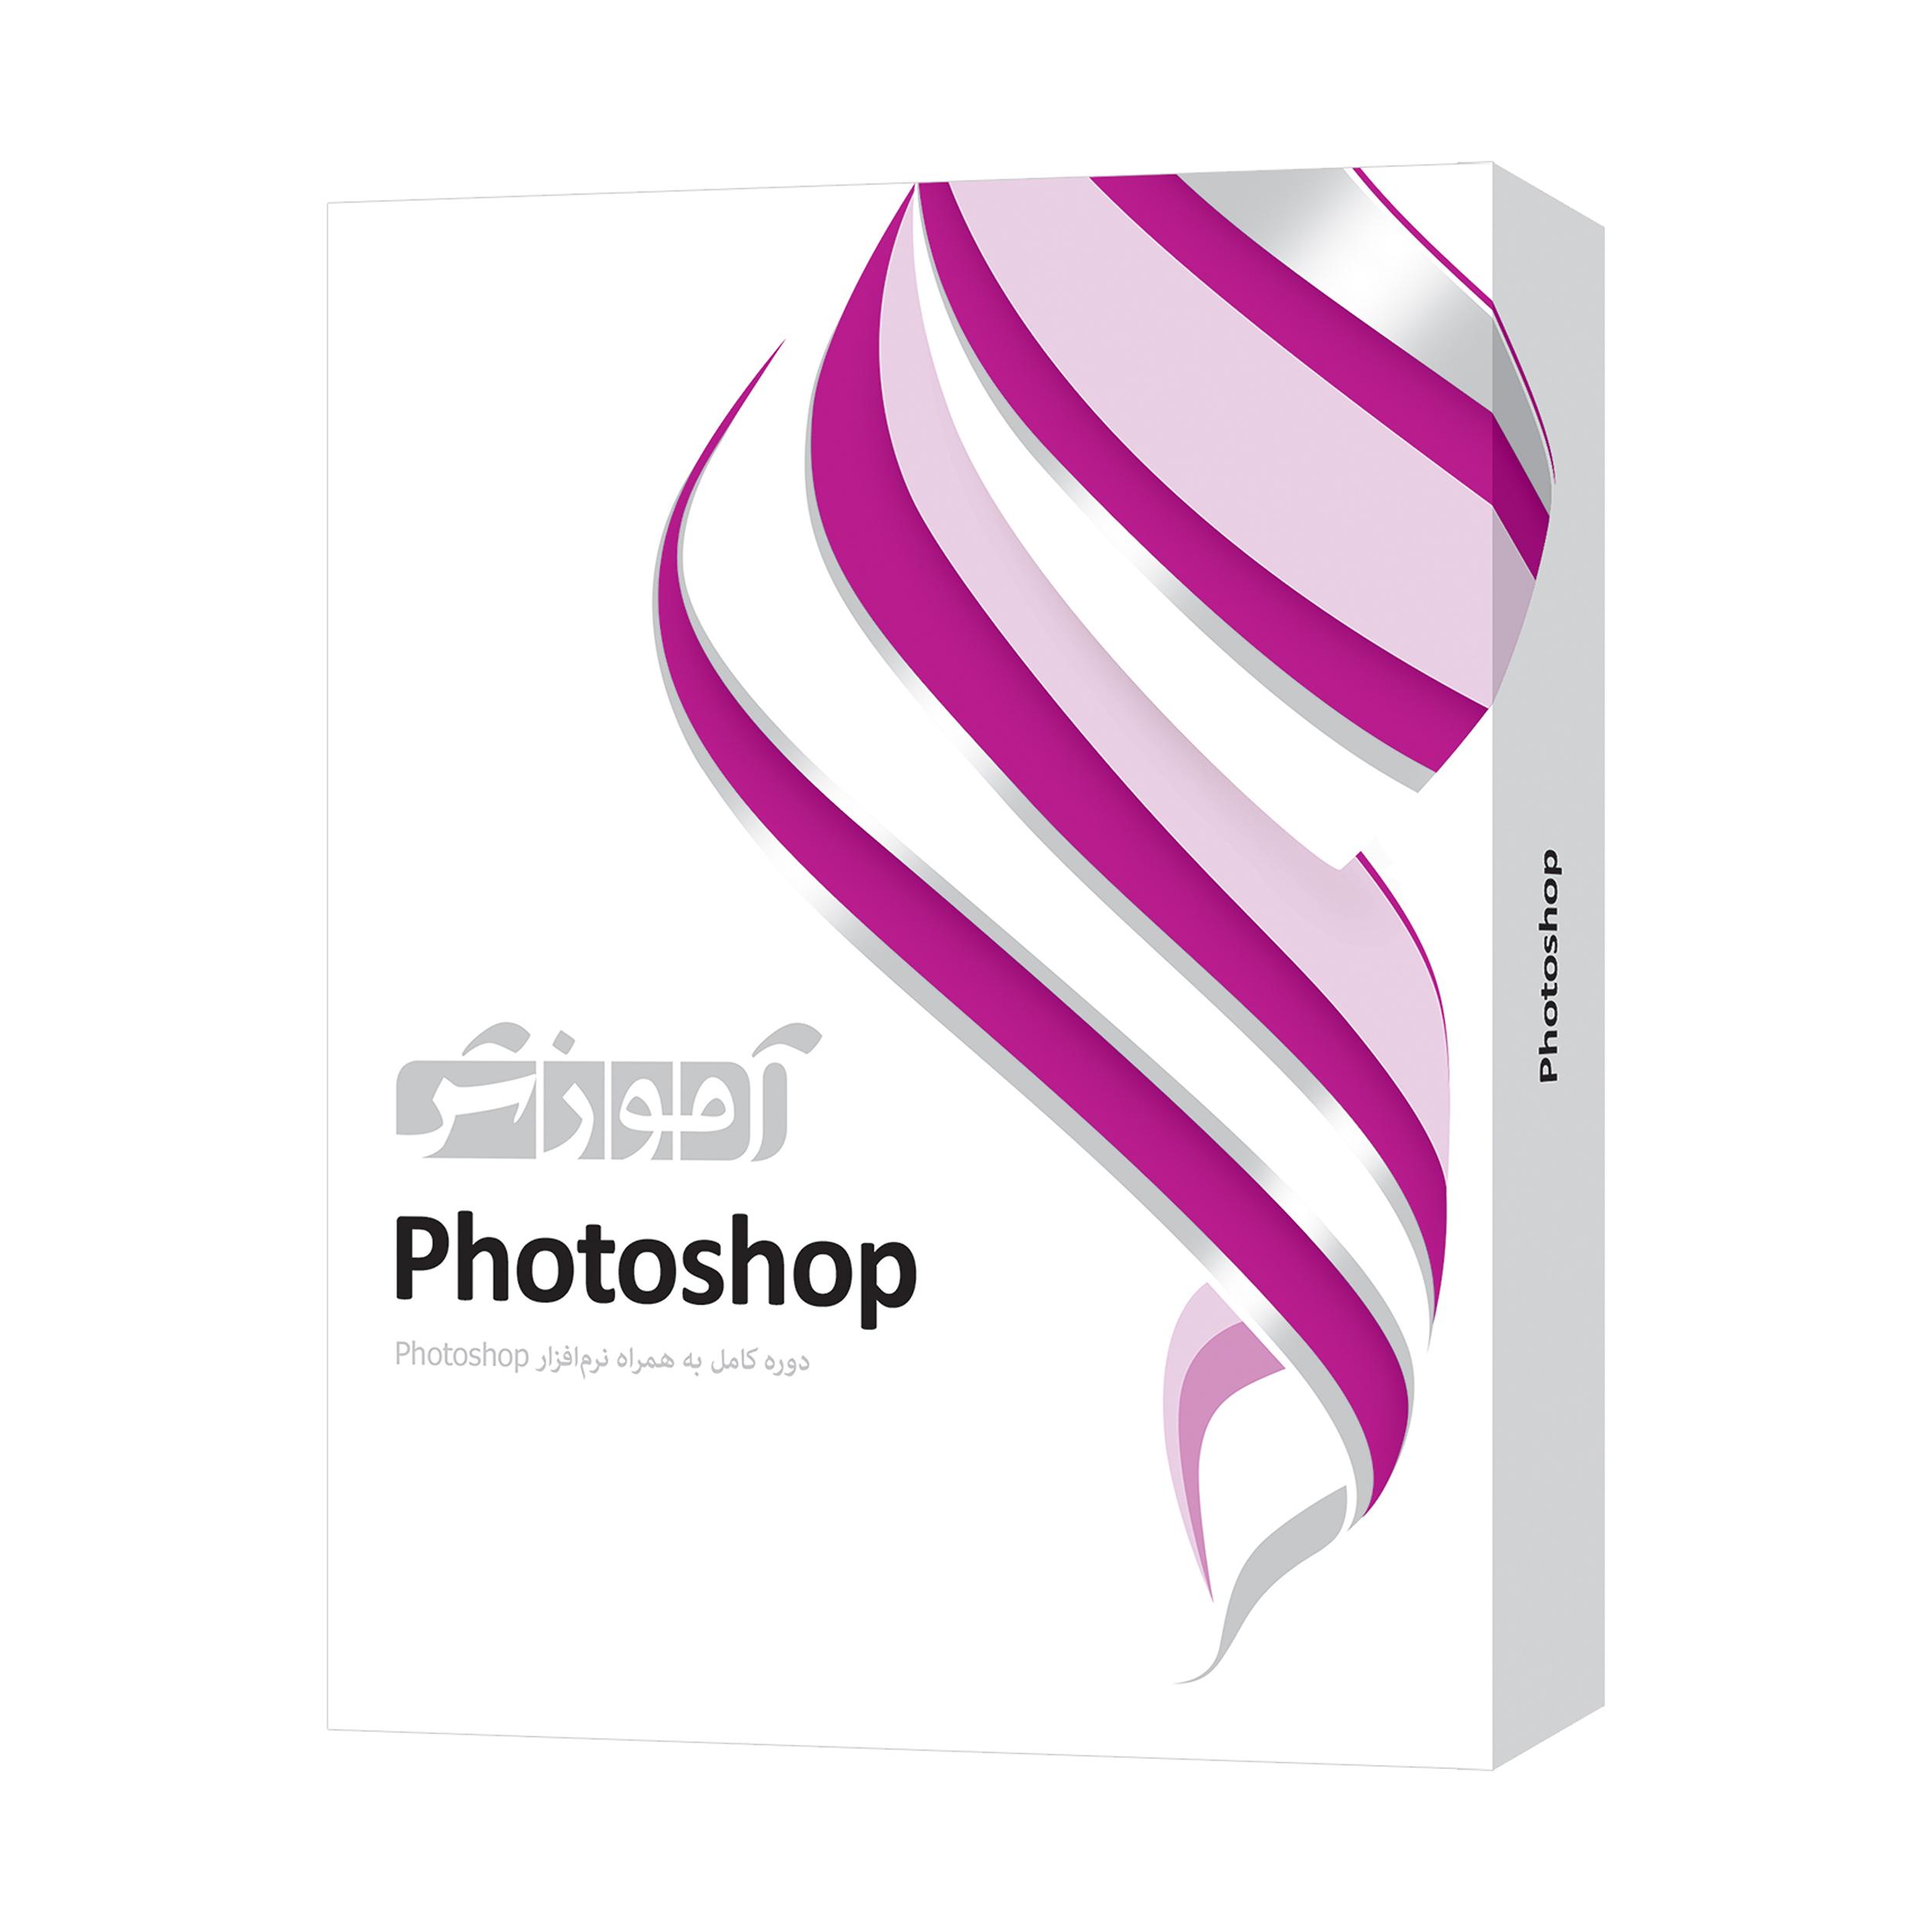 نرم افزار آموزش Photoshop 2020 نشر پرند